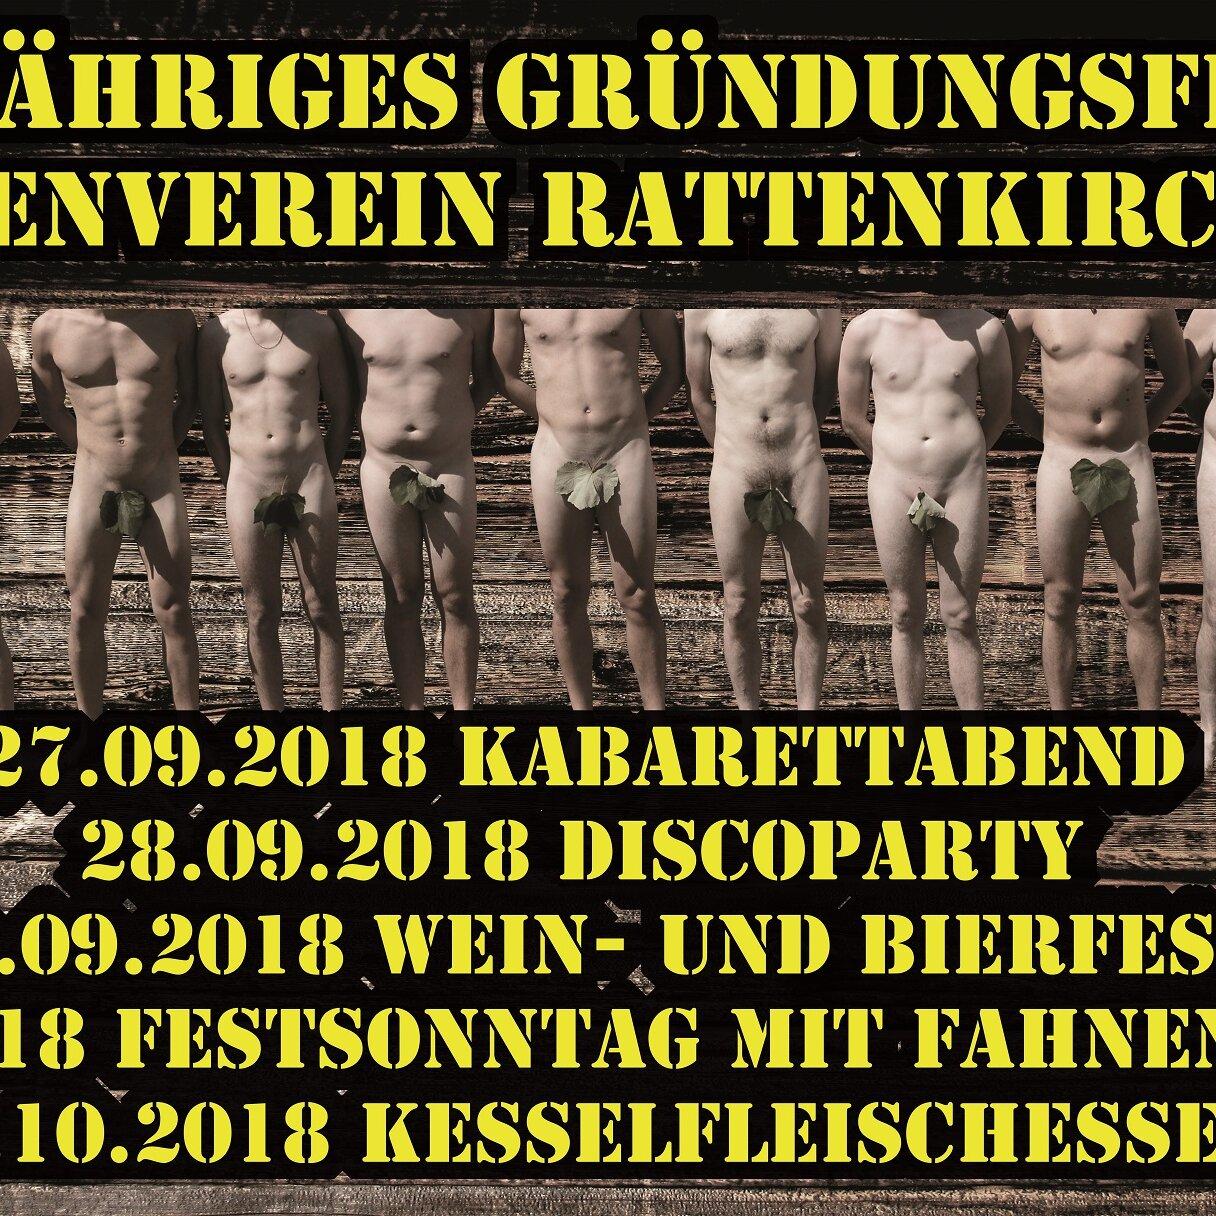 Fünf Jahre Burschenverein Rattenkirchen